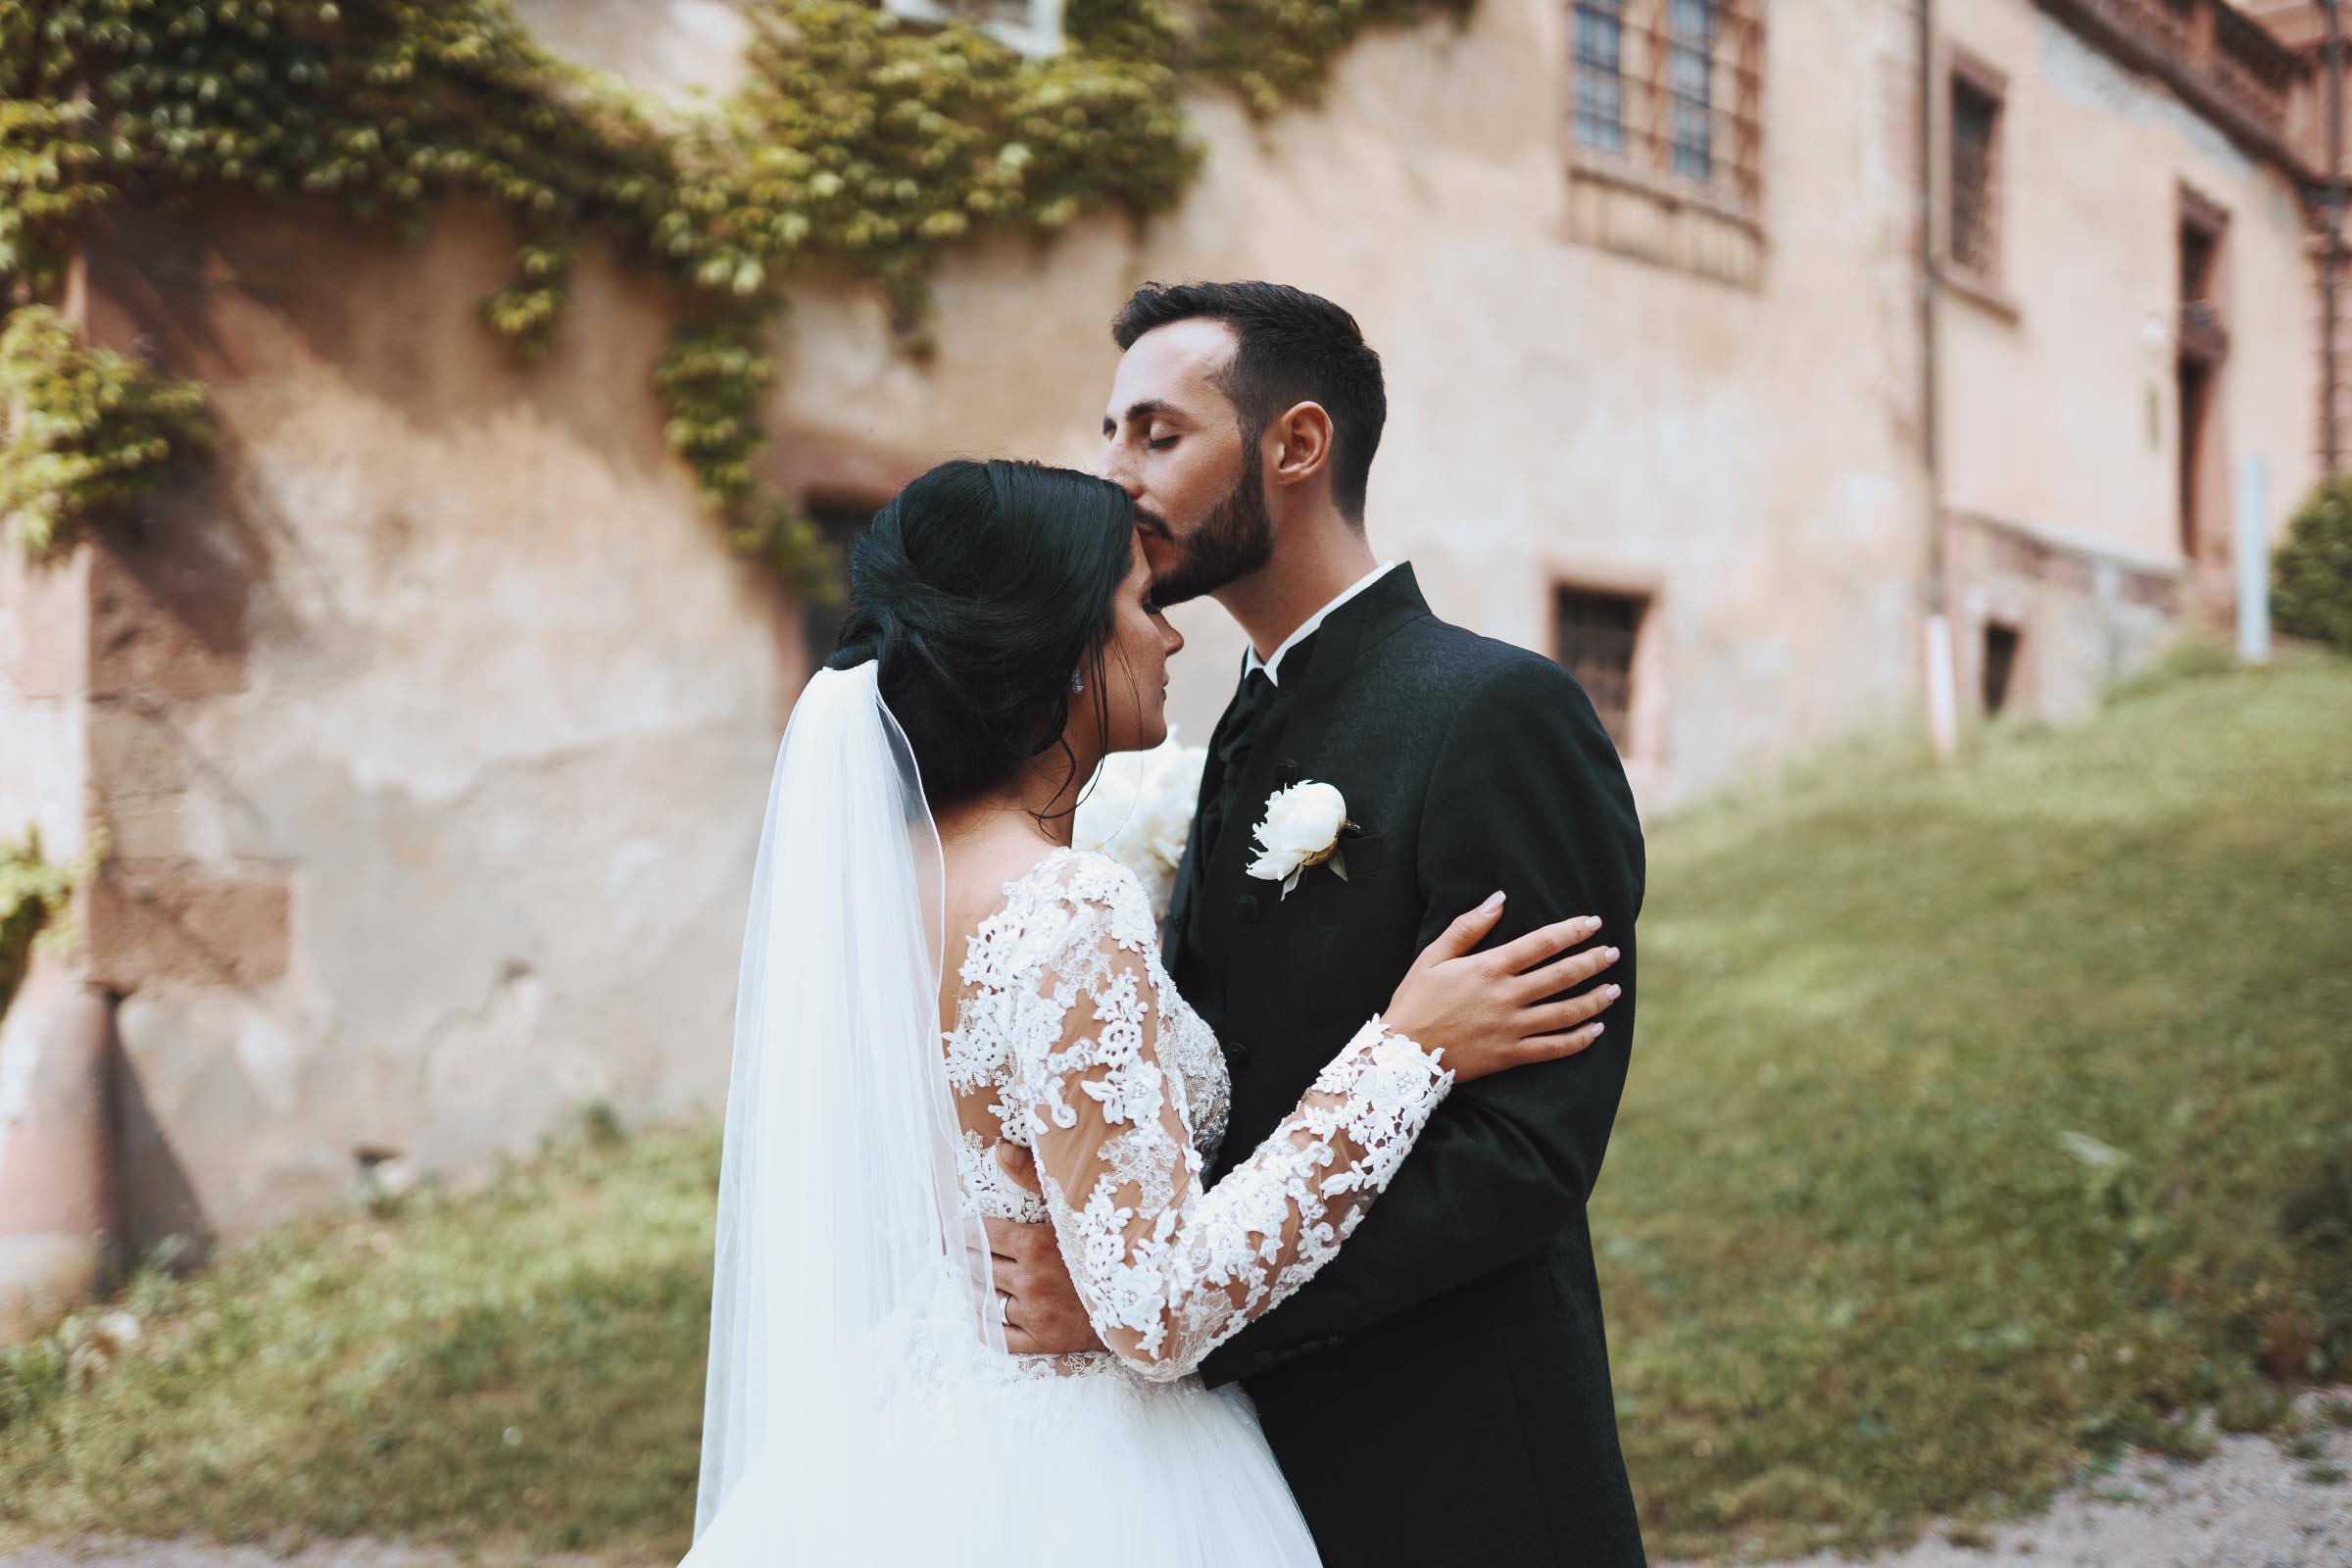 Der Bräutigam küsst seine Braut liebevoll auf die Stirn.